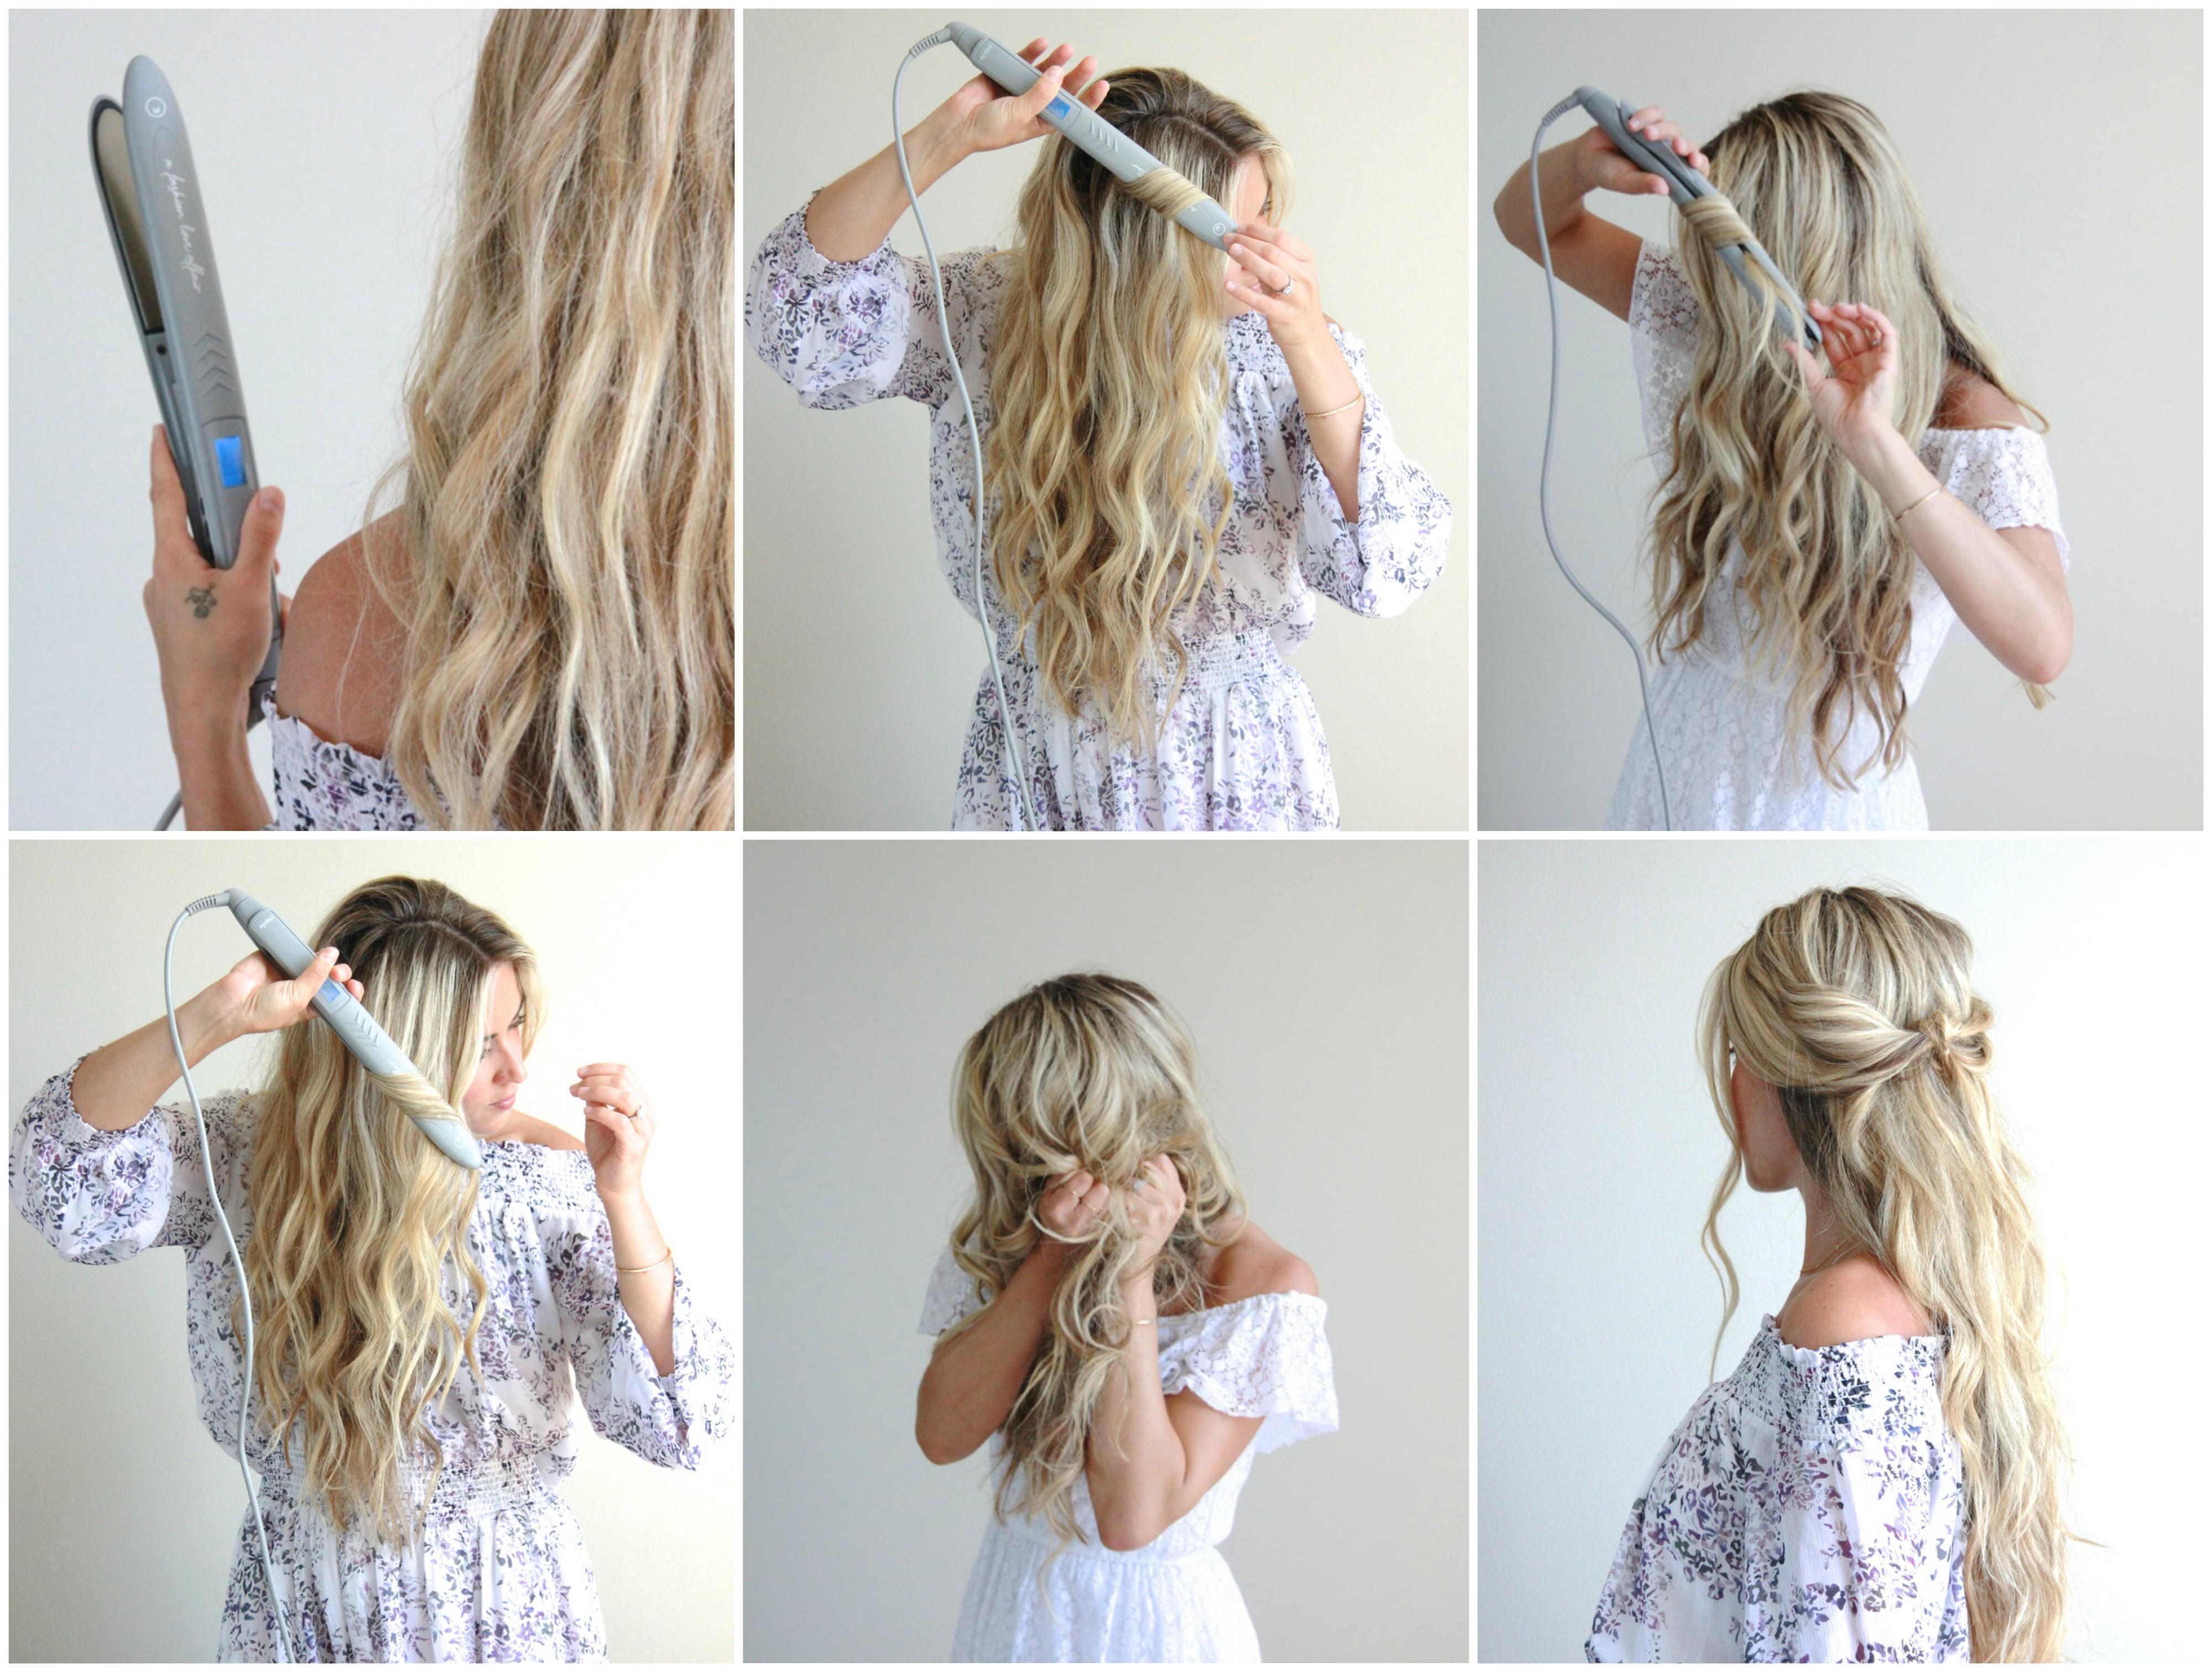 tutoriel pour faire des boucles avec in lisseur, idée de coiffure cheveux bouclés sur une chevelure longue blonde